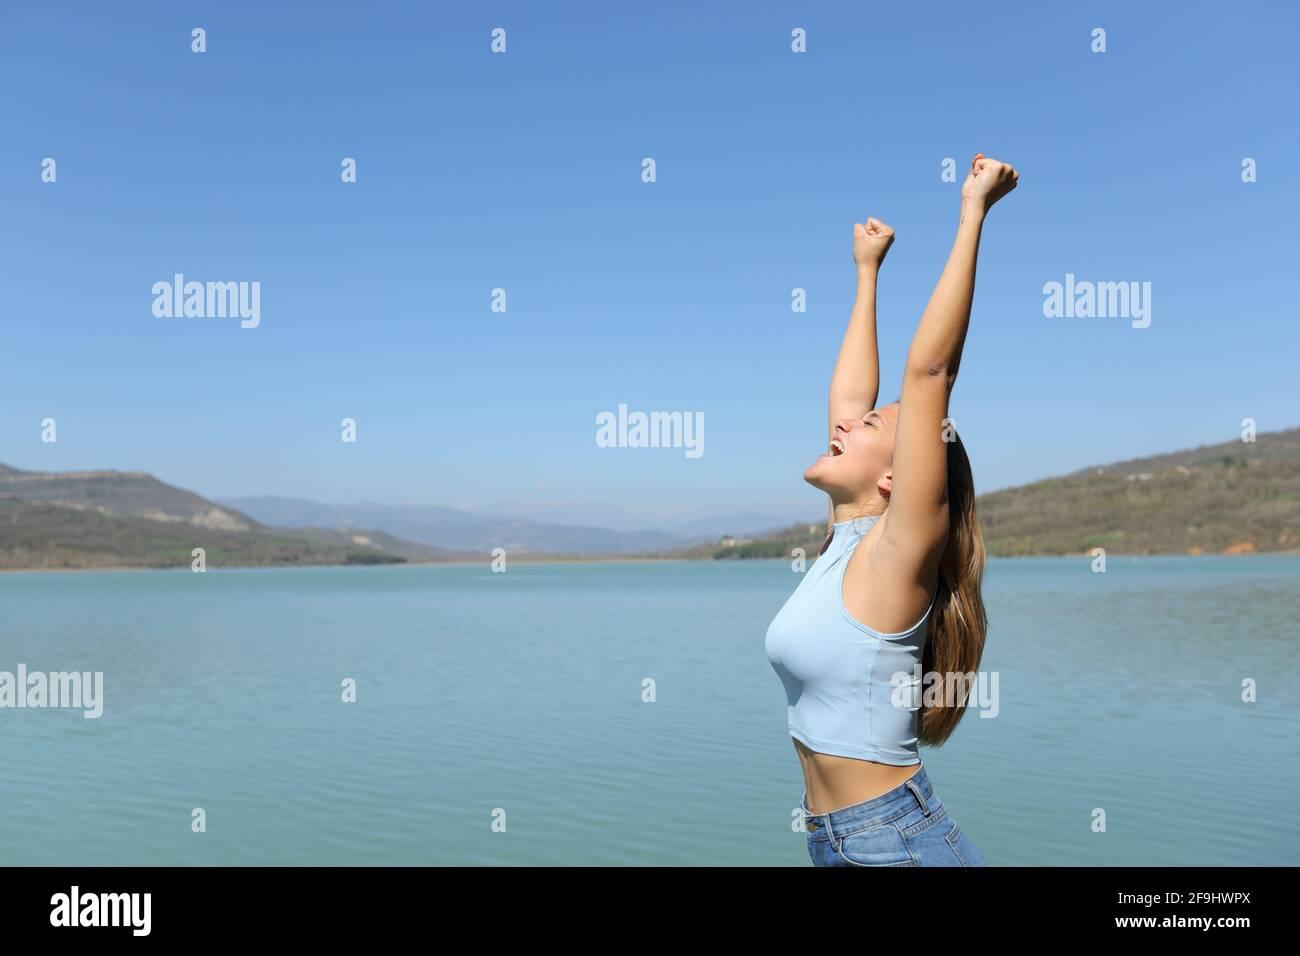 Perfil de una mujer emocionado celebrando vacaciones en un lago Foto de stock